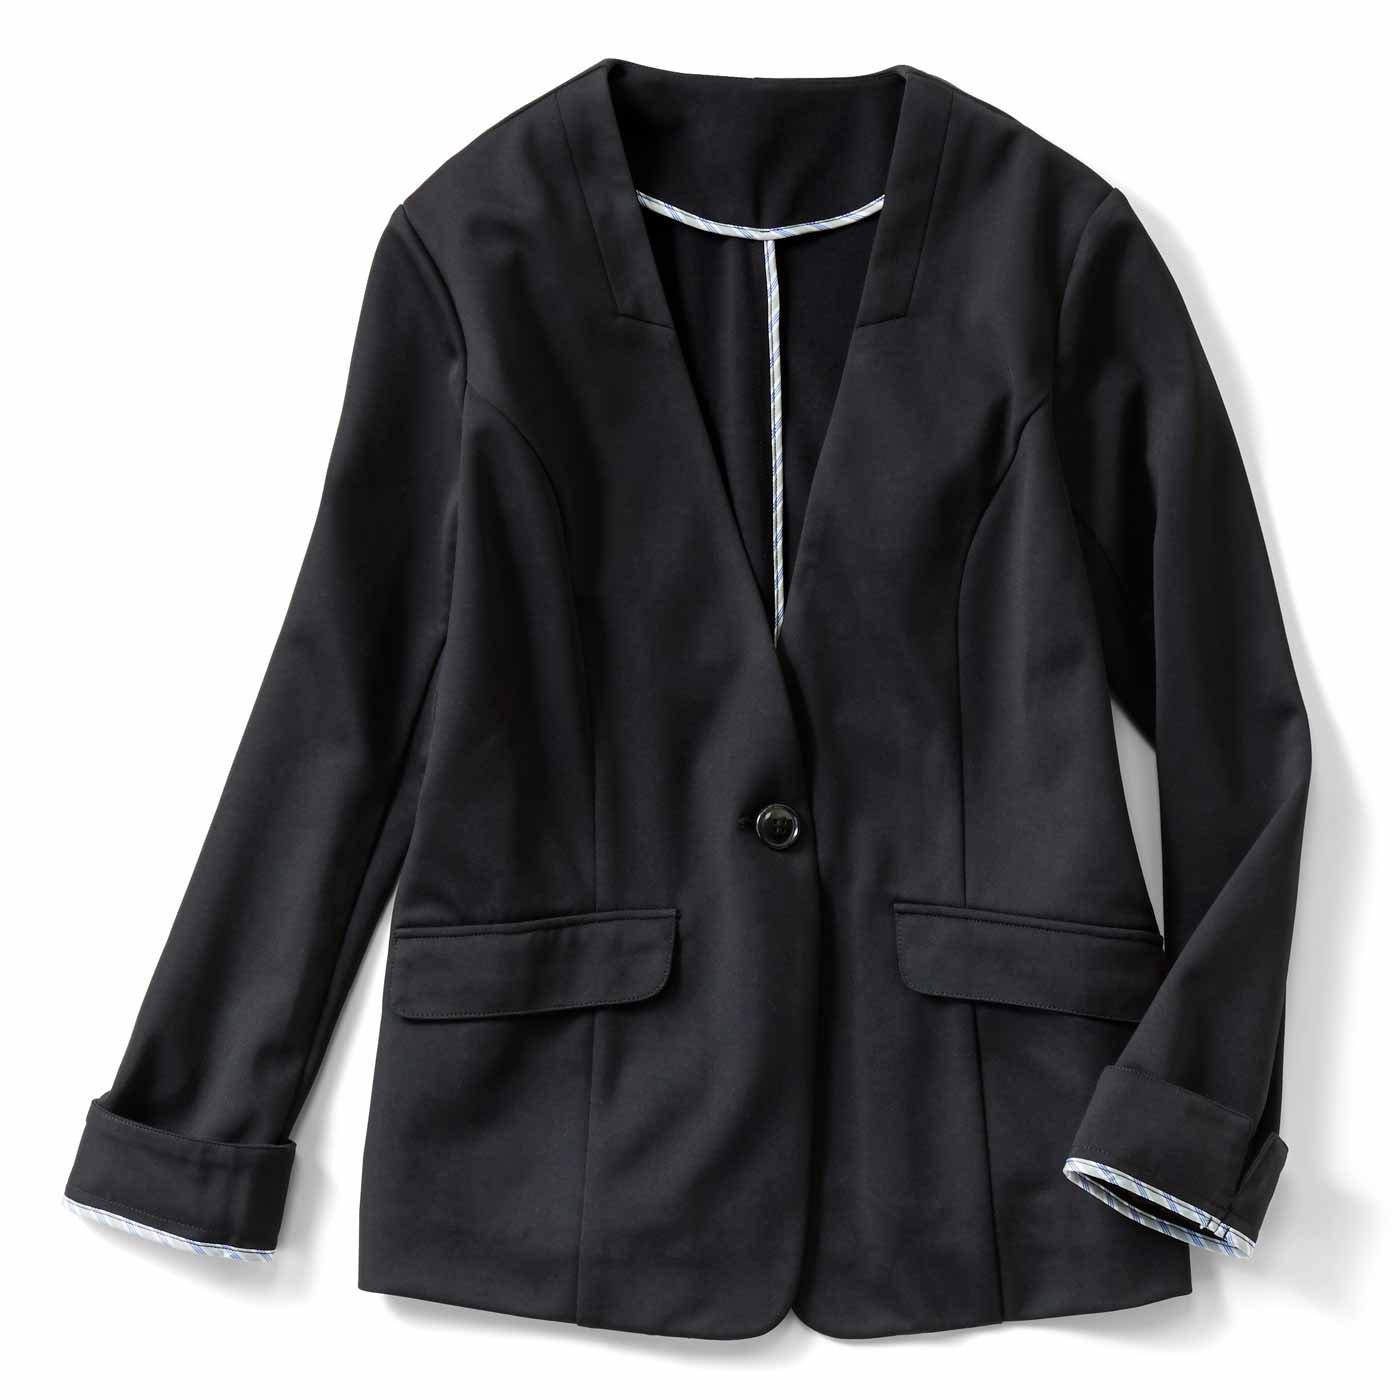 IEDIT[イディット] UVカット&接触冷感で着心地涼やかな 優秀バレエフィット(R)ジャケット〈ブラック〉